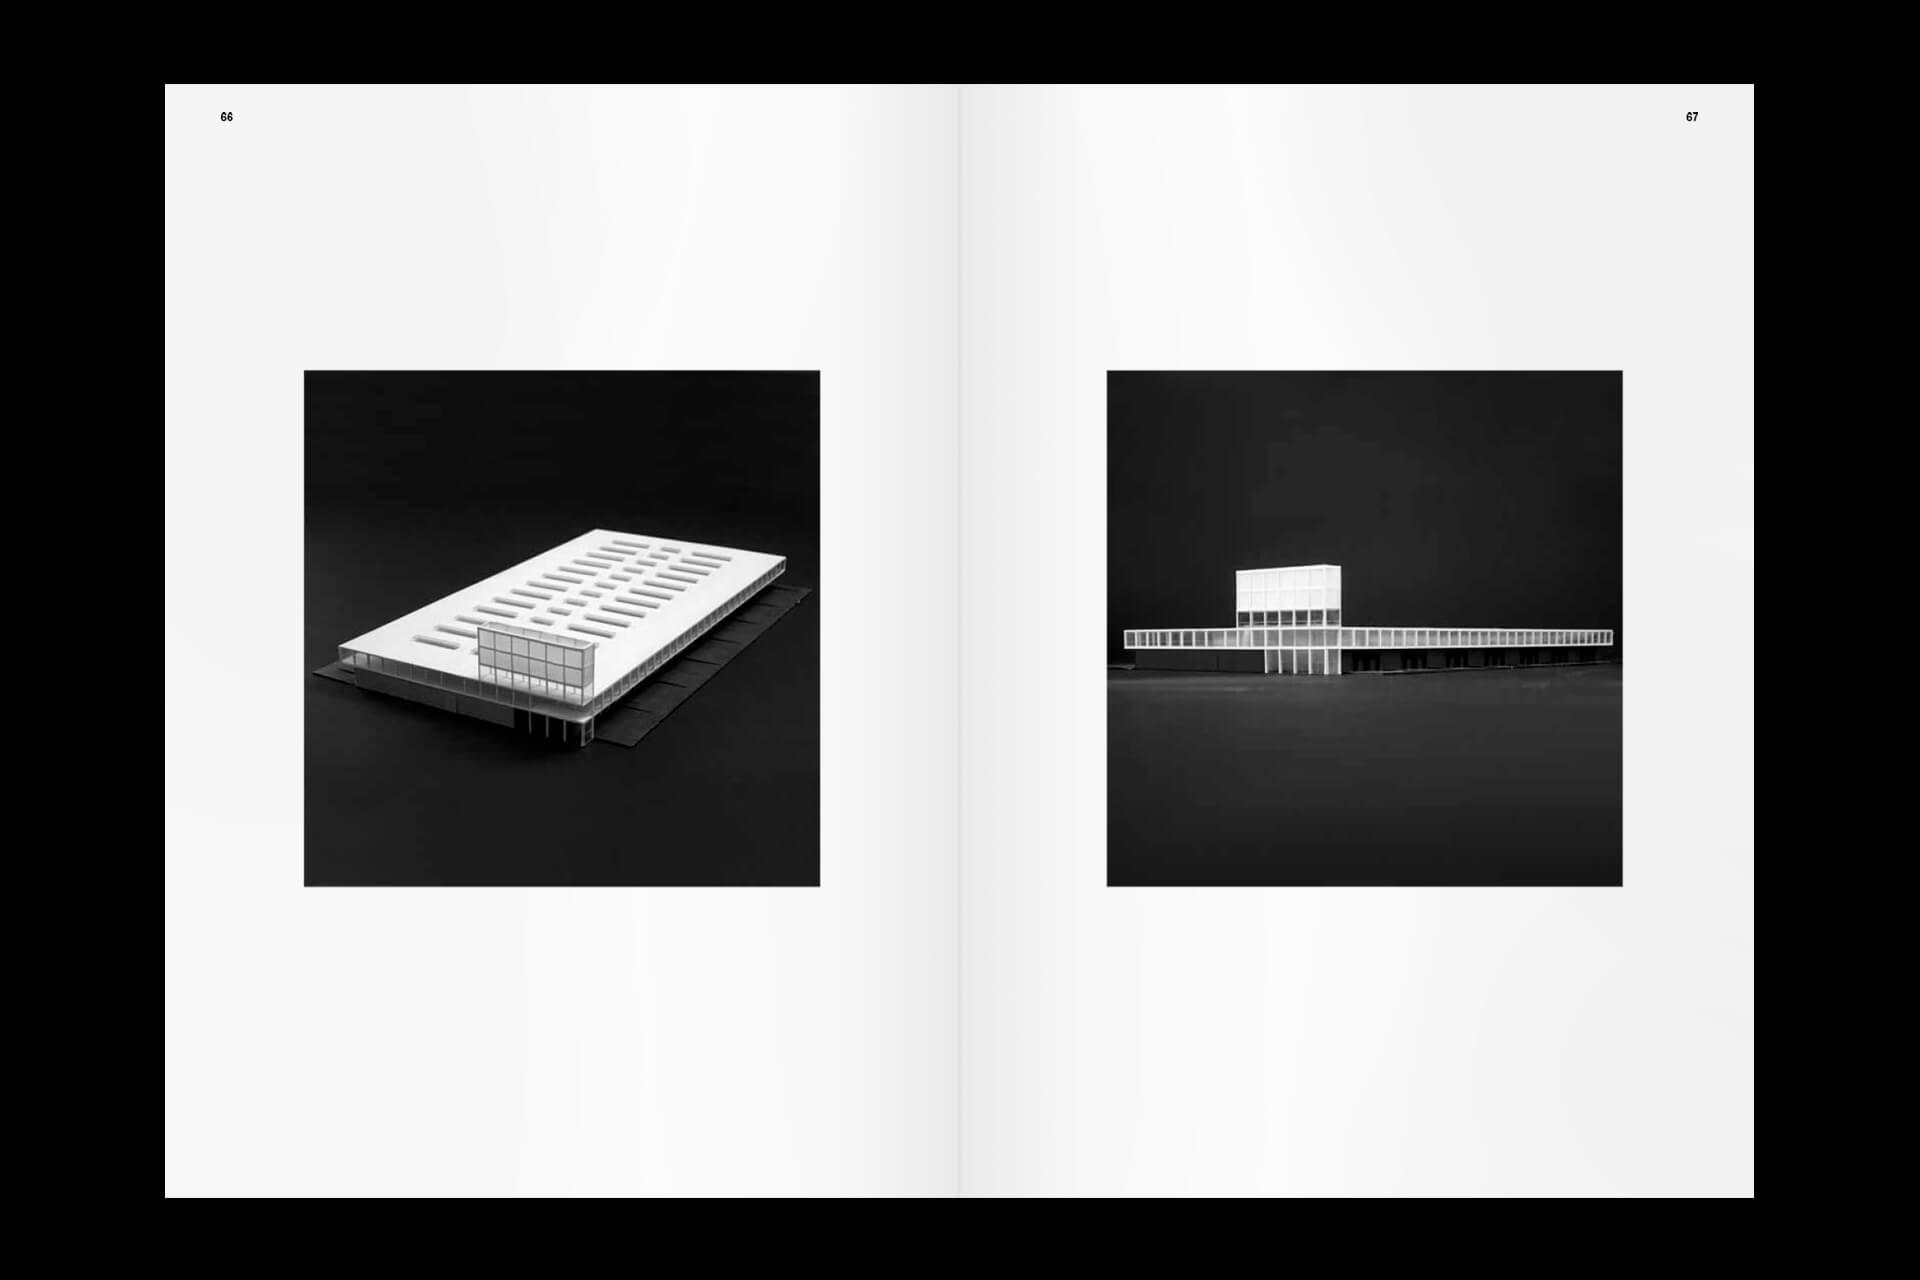 muoto-plastac-book-06